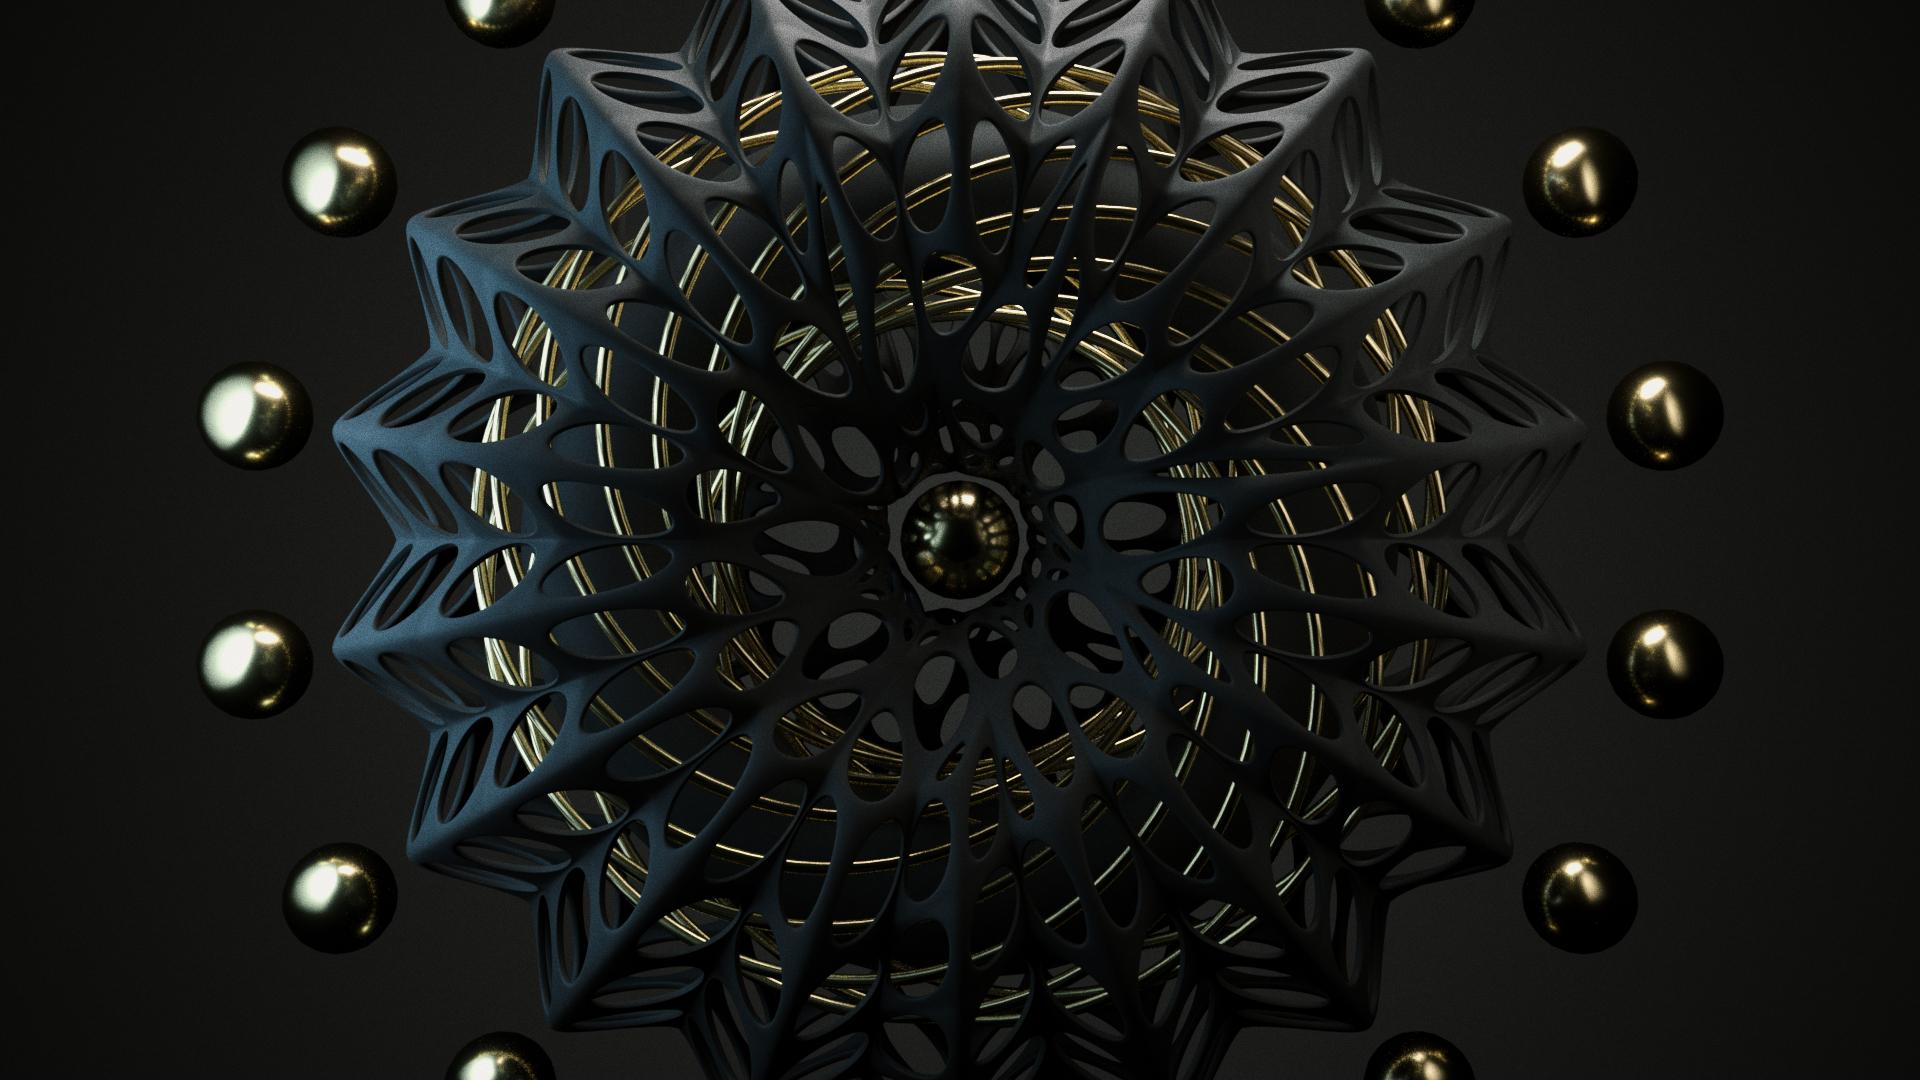 181103_trypogenSpiral1_v1 (0-00-00-00).jpg